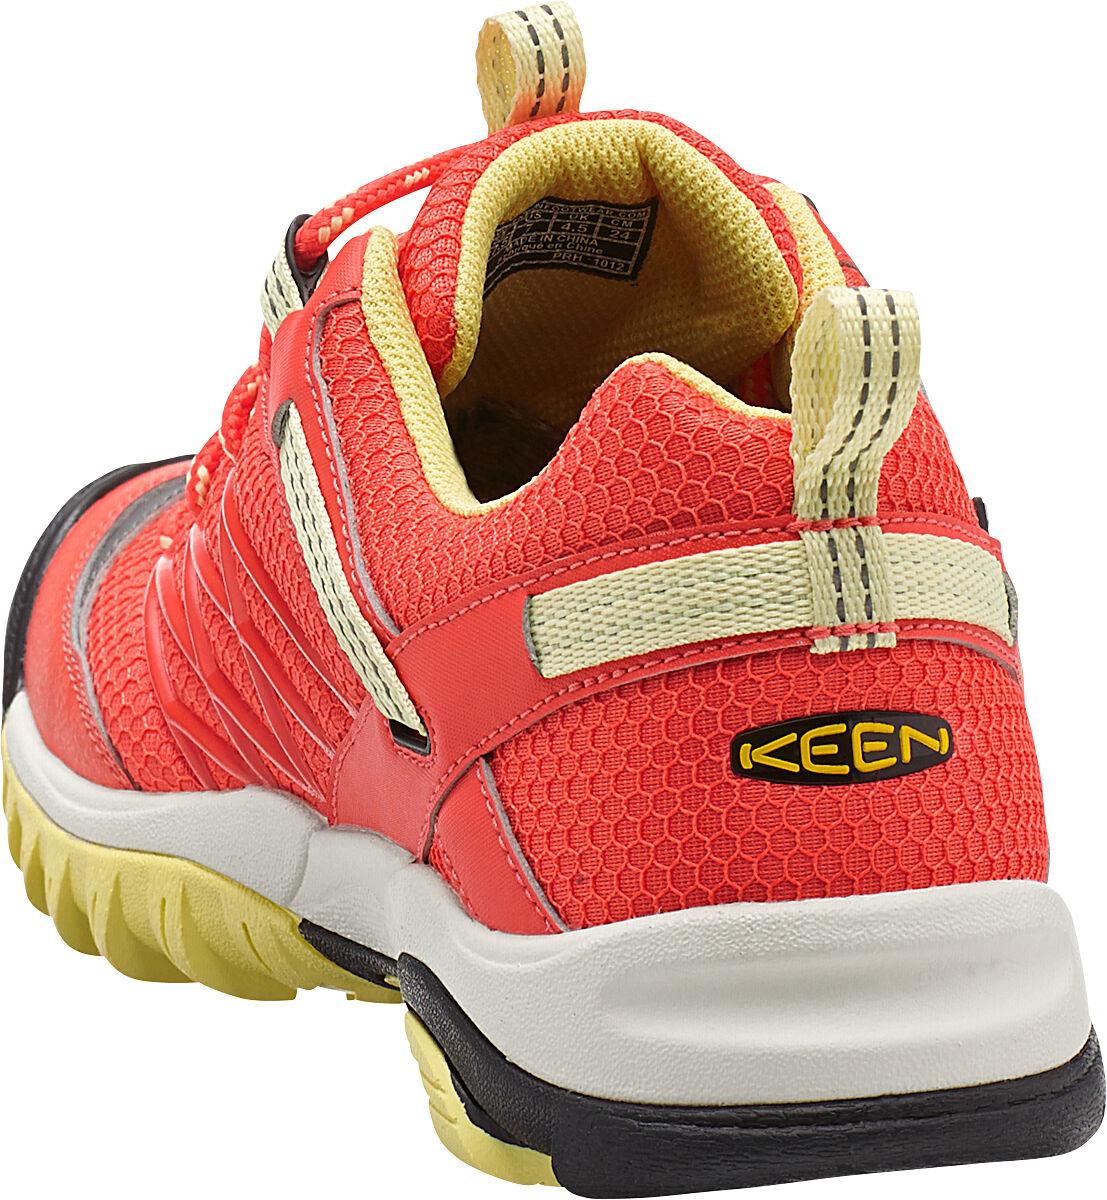 Keen MARSHALL MARSHALL Keen WP  Wanderschuh Schuhe 41301c